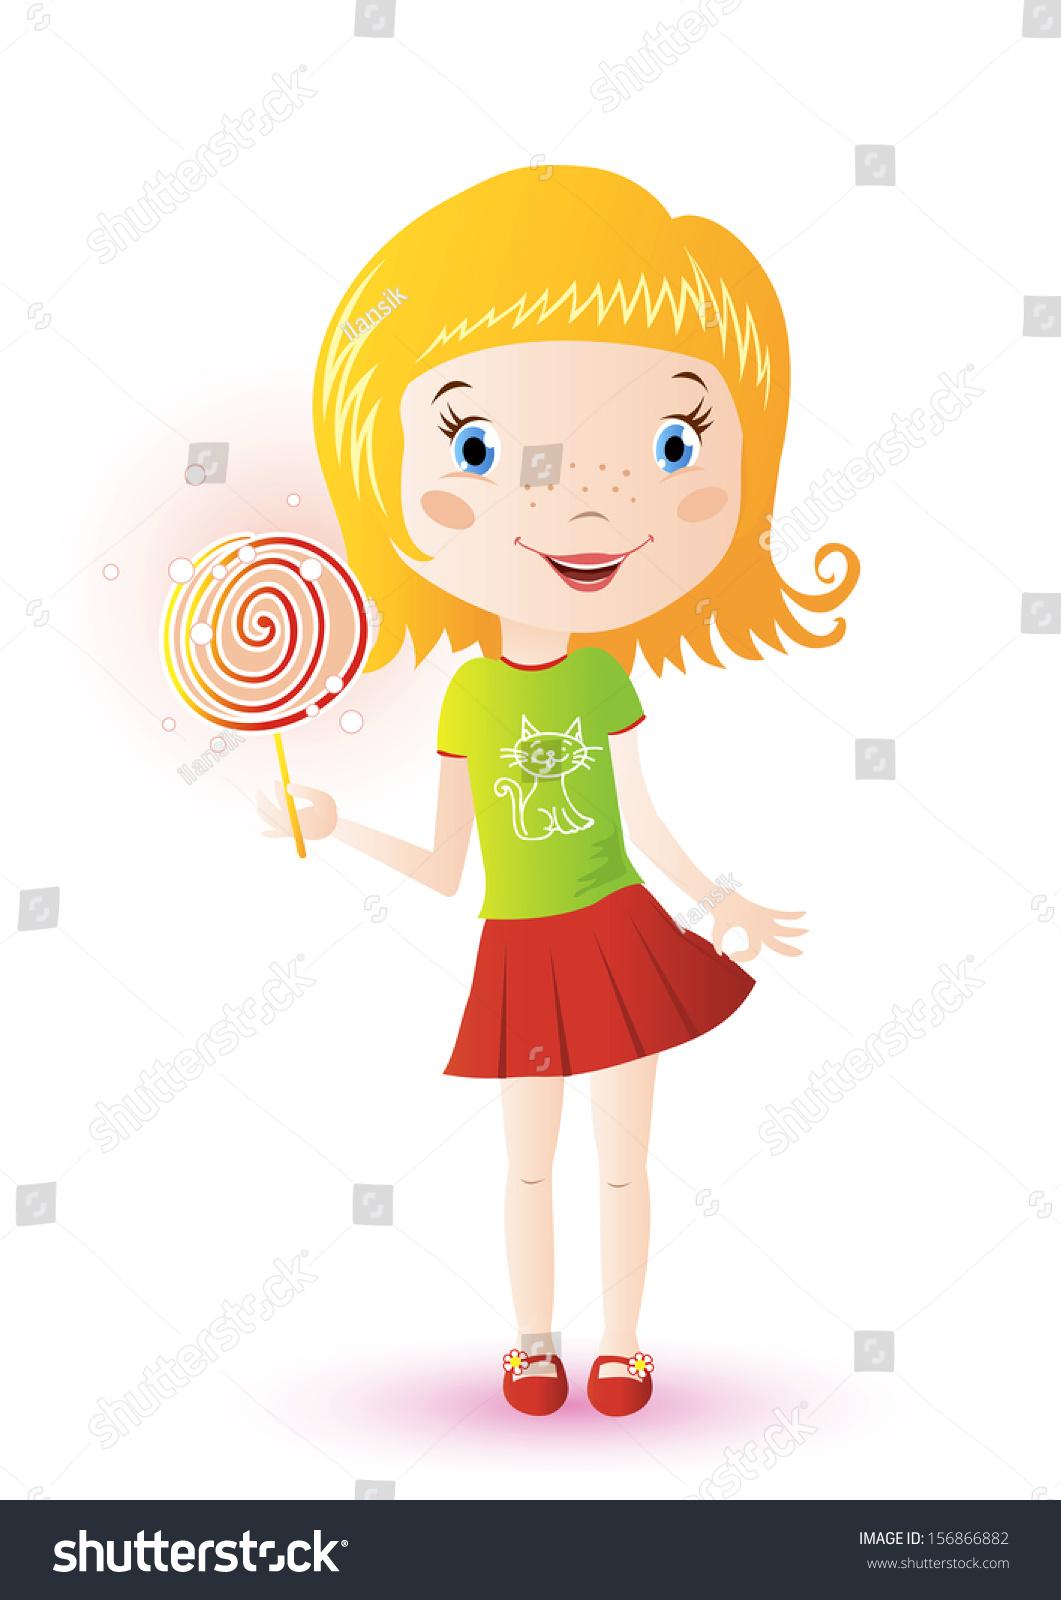 一个可爱的小女孩拿着棒棒糖的插图-食品及饮料,人物